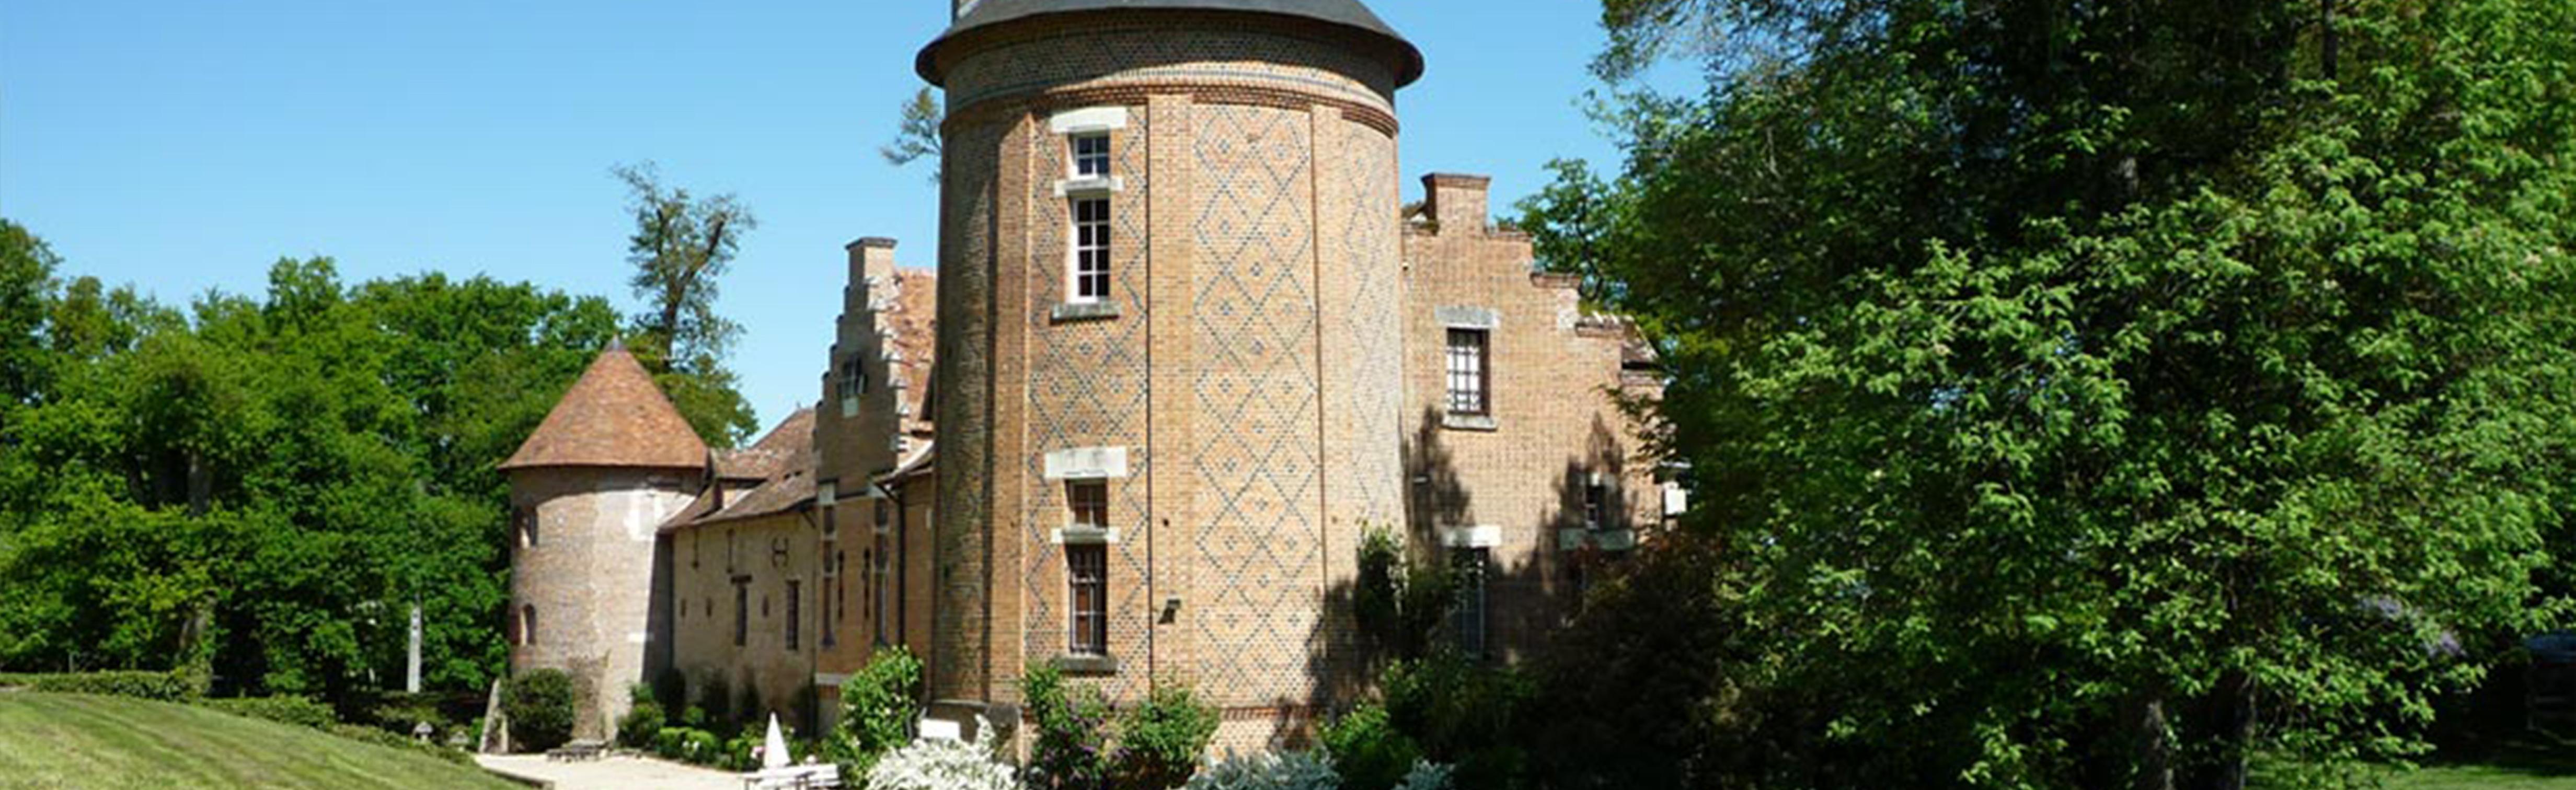 Le Château de Villechenay